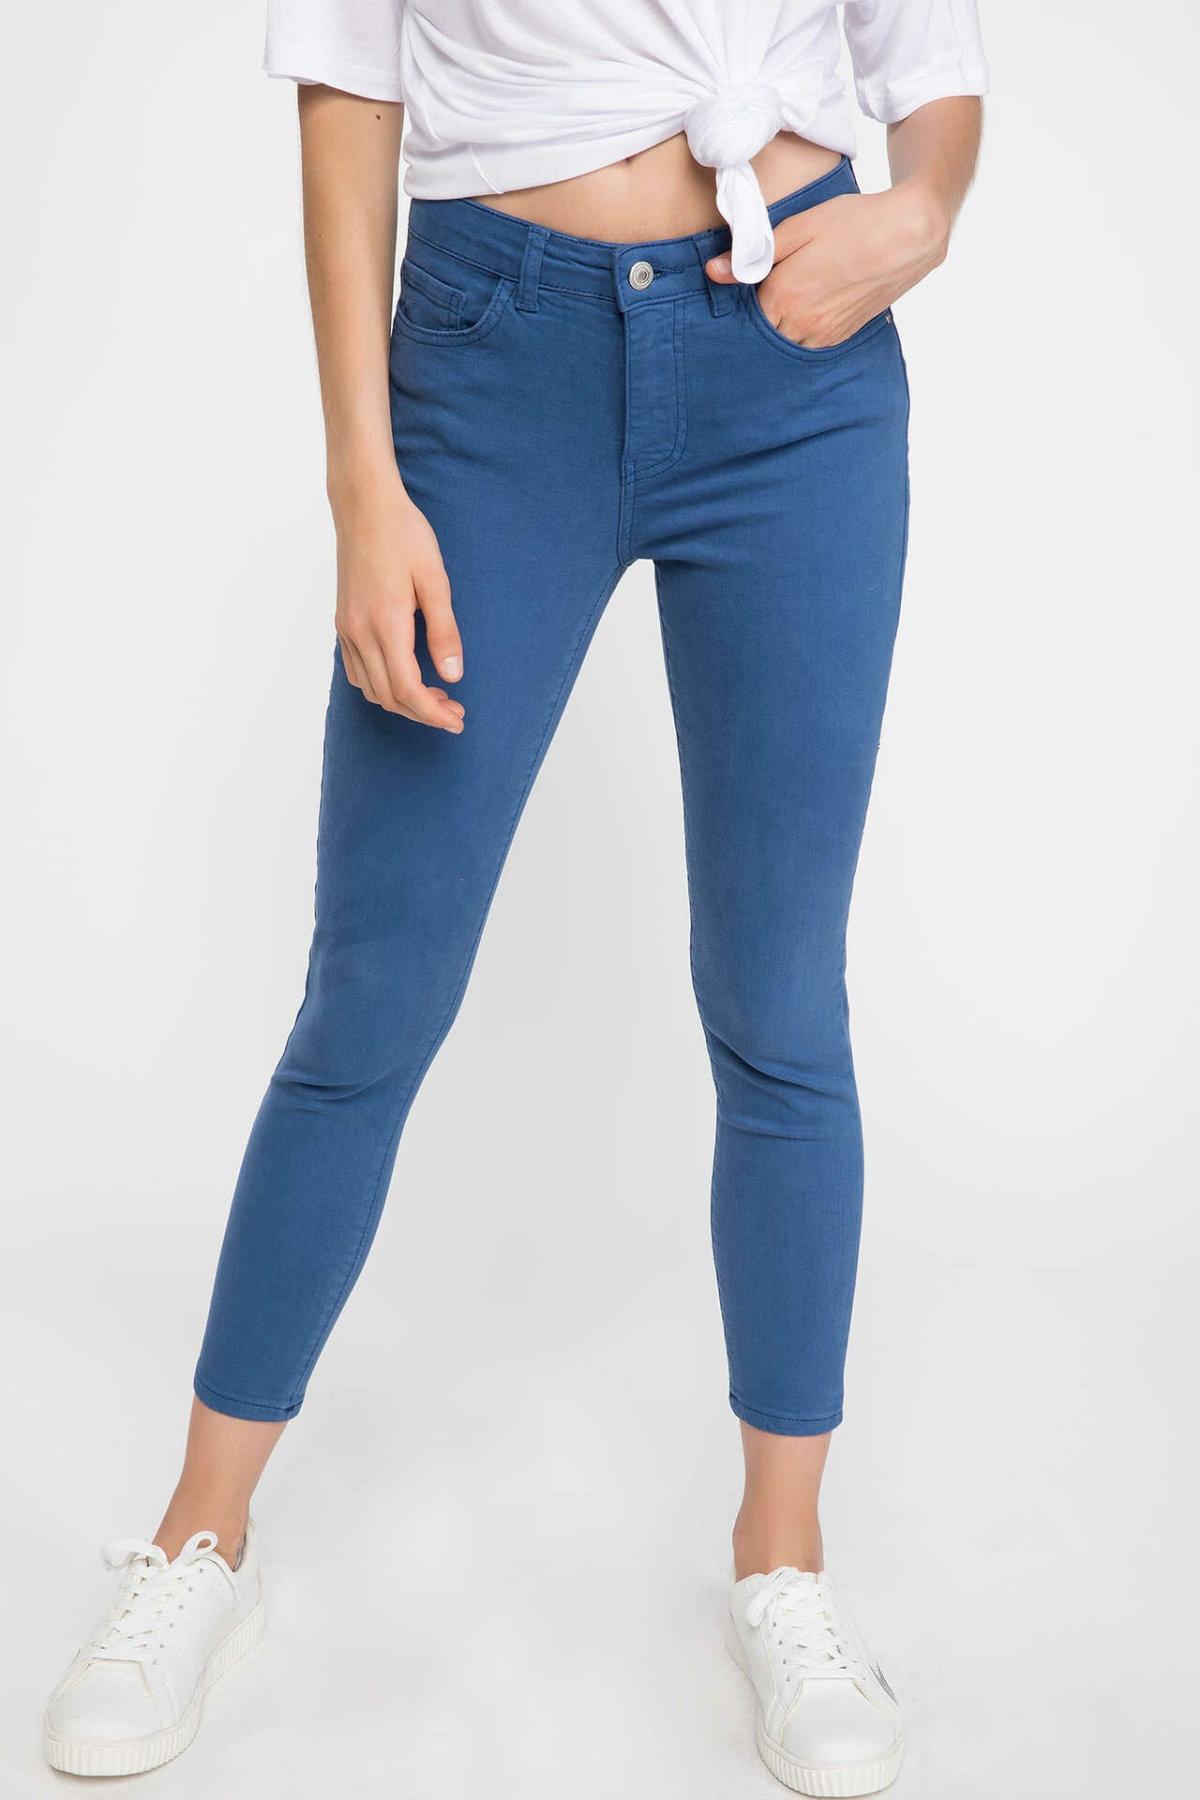 DeFacto Fashion Women Solid Slim Jean Trousers Female Casual Pants For Women's Cotton Pencil Crop Pants - K1692AZ18AU